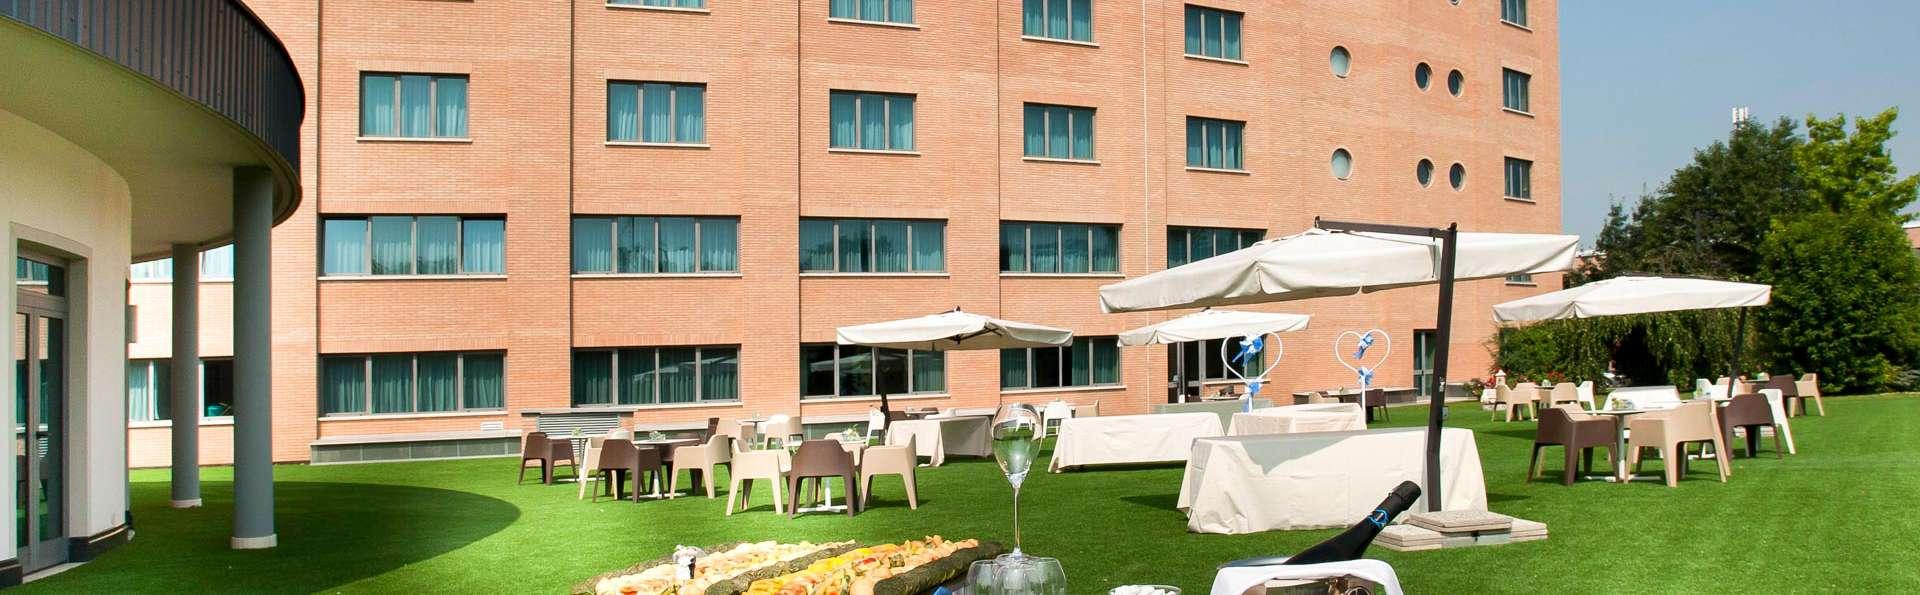 Hotel Cavalieri - EDIT_EVENT_02.jpg